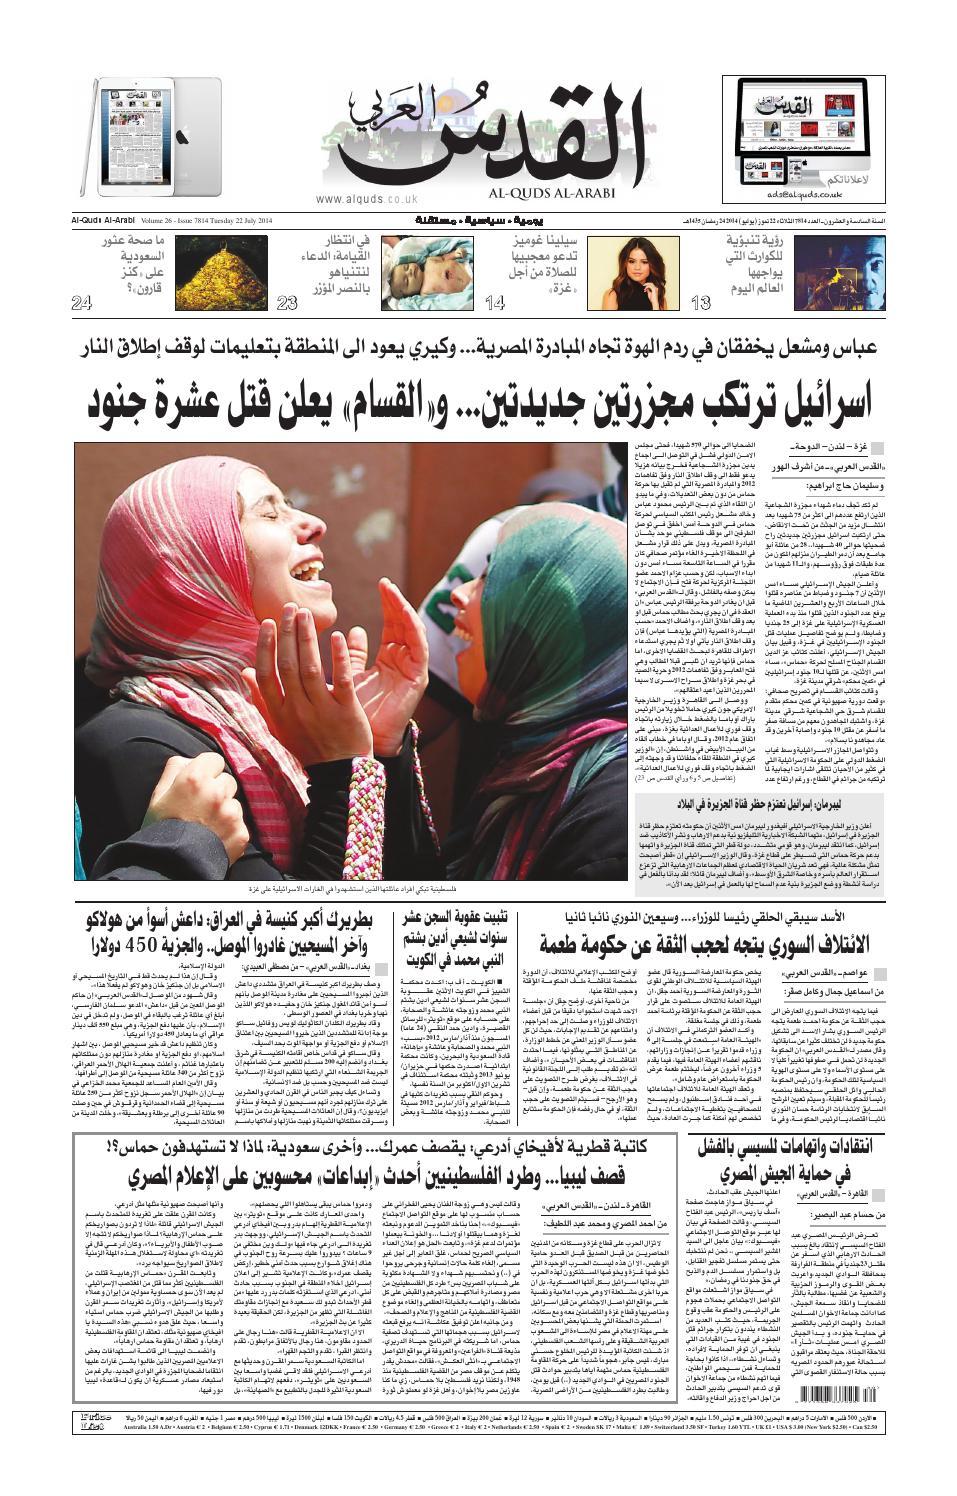 صحيفة القدس العربي الثلاثاء 22072014 By مركز الحدث Issuu